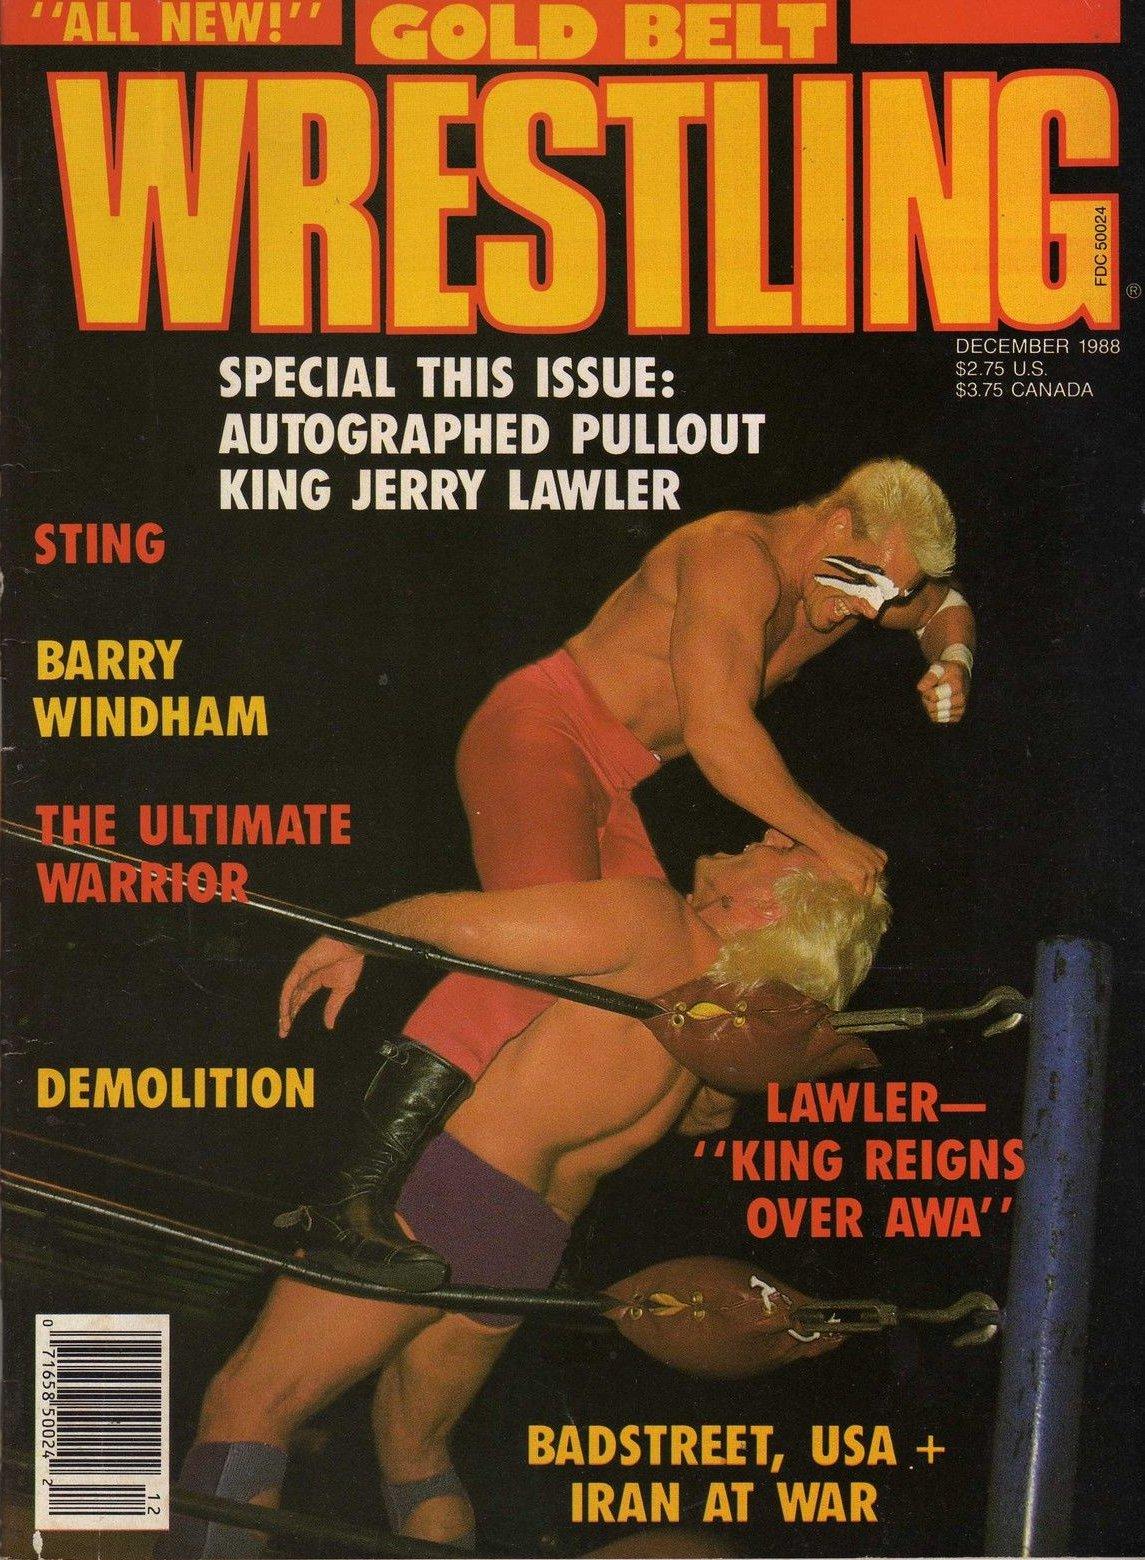 Gold Belt Wrestling - December 1988